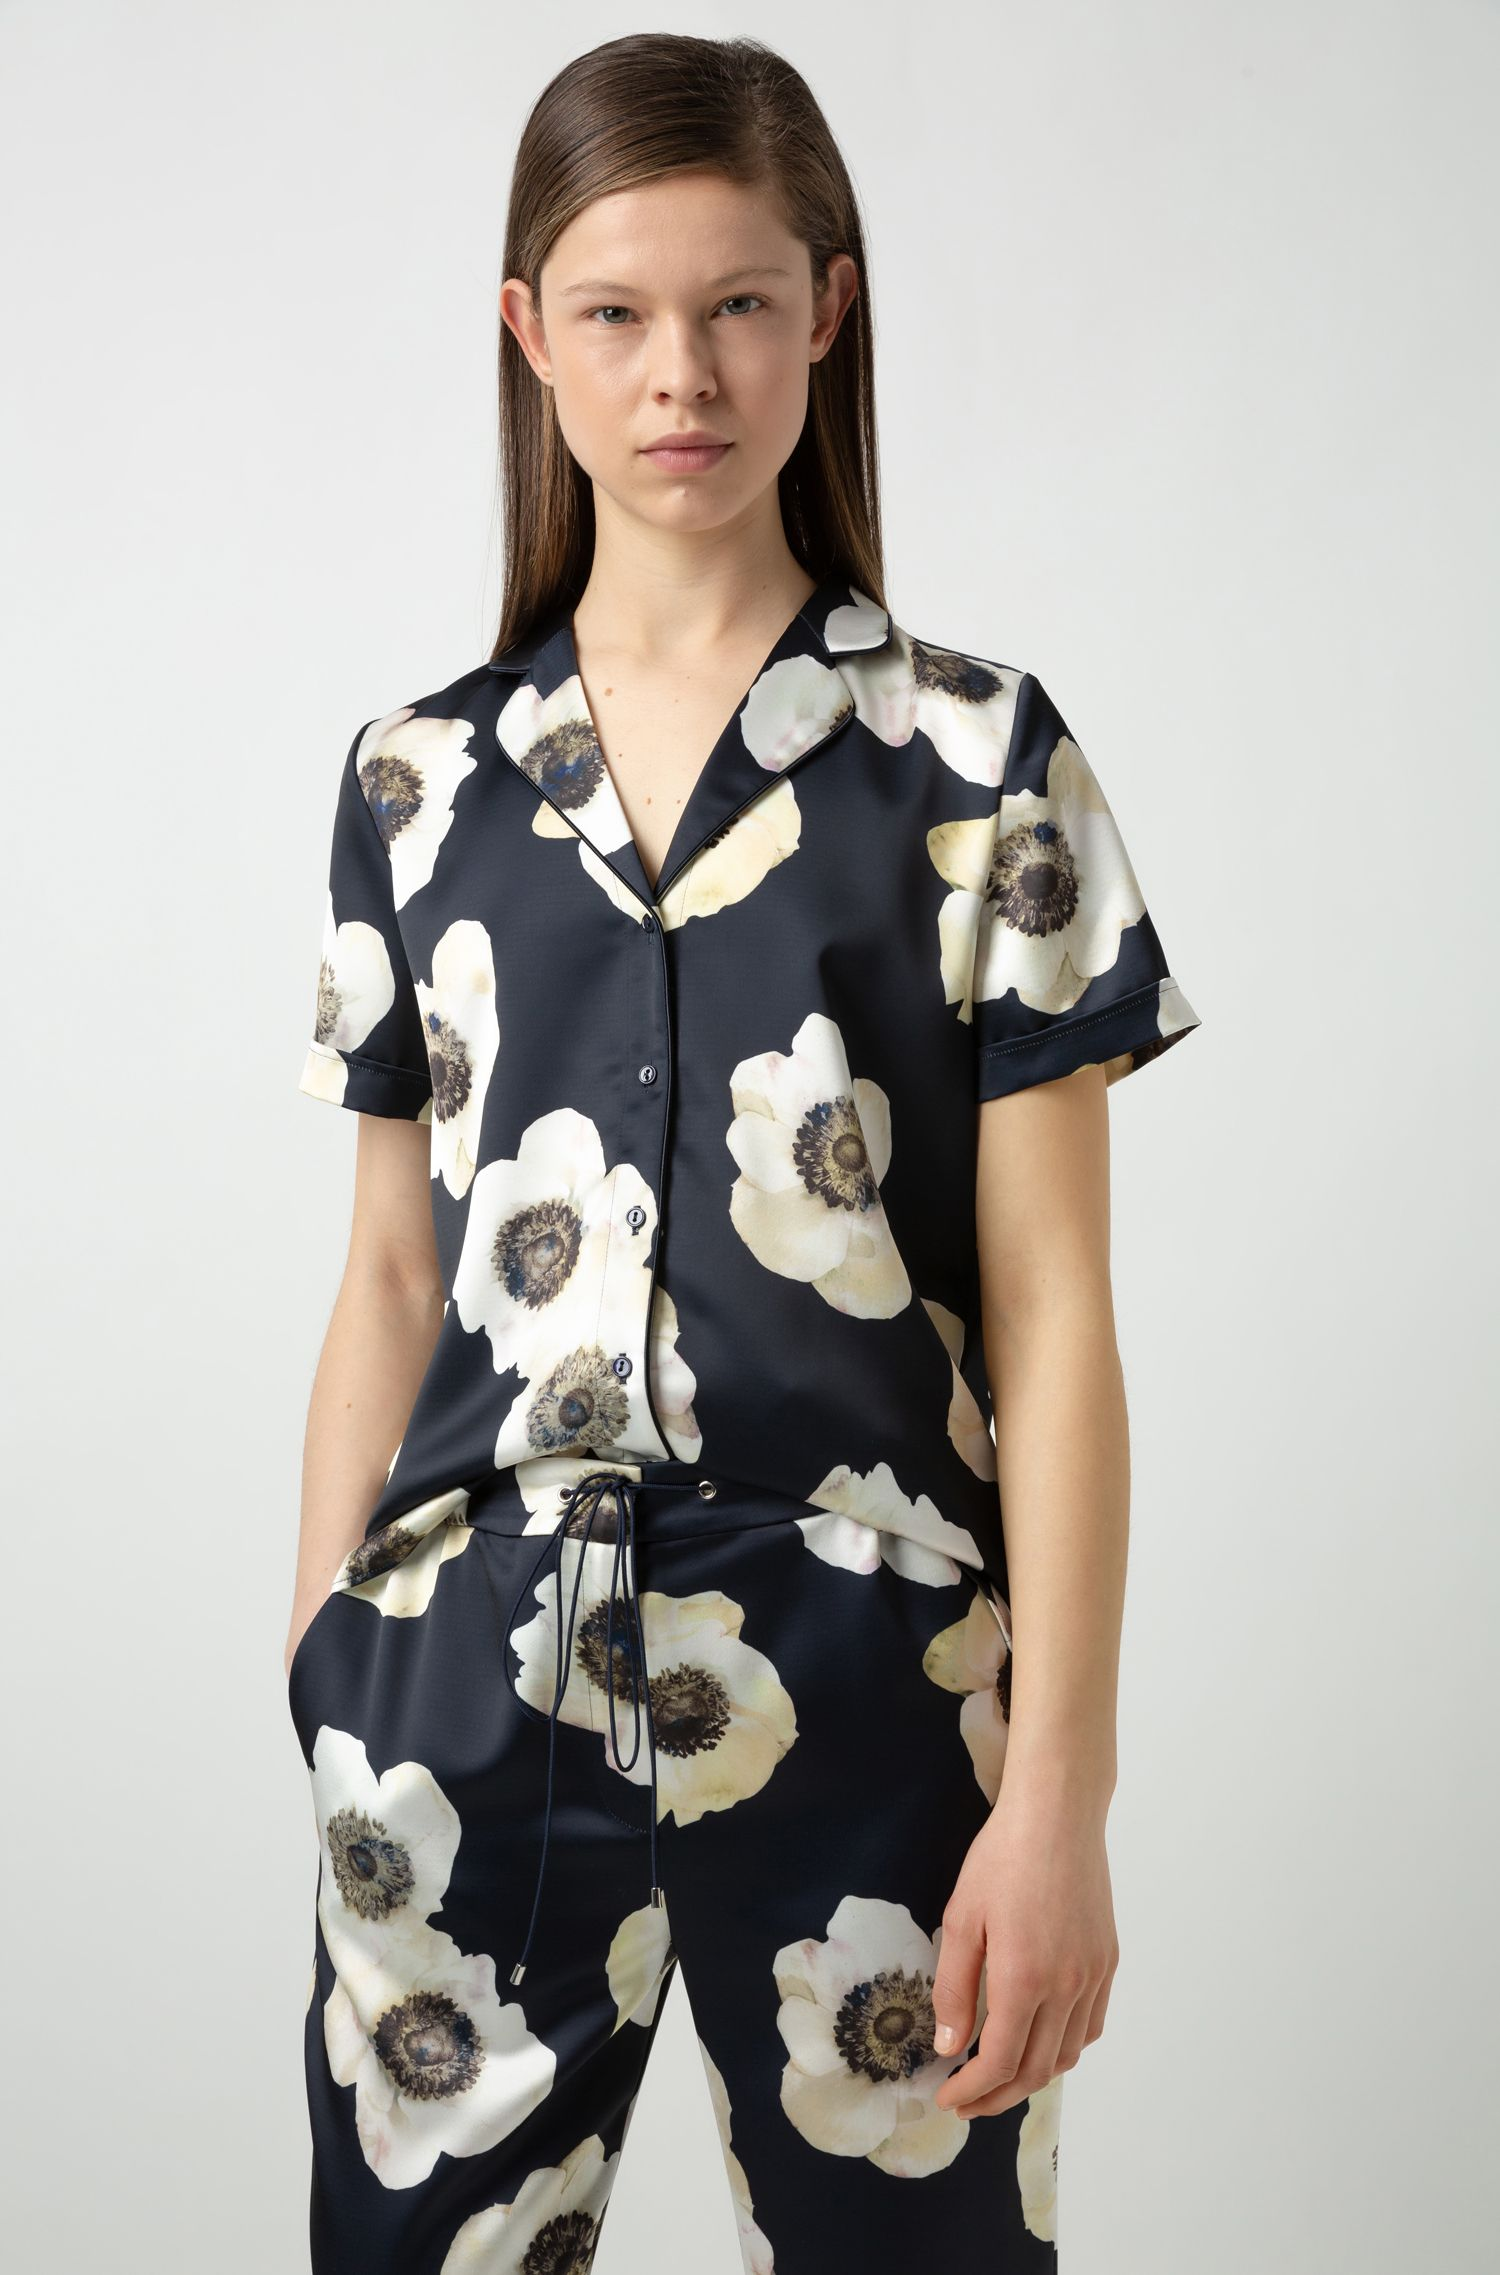 Chemisier style pyjama à manches courtes, avec imprimé anémone, Fantaisie